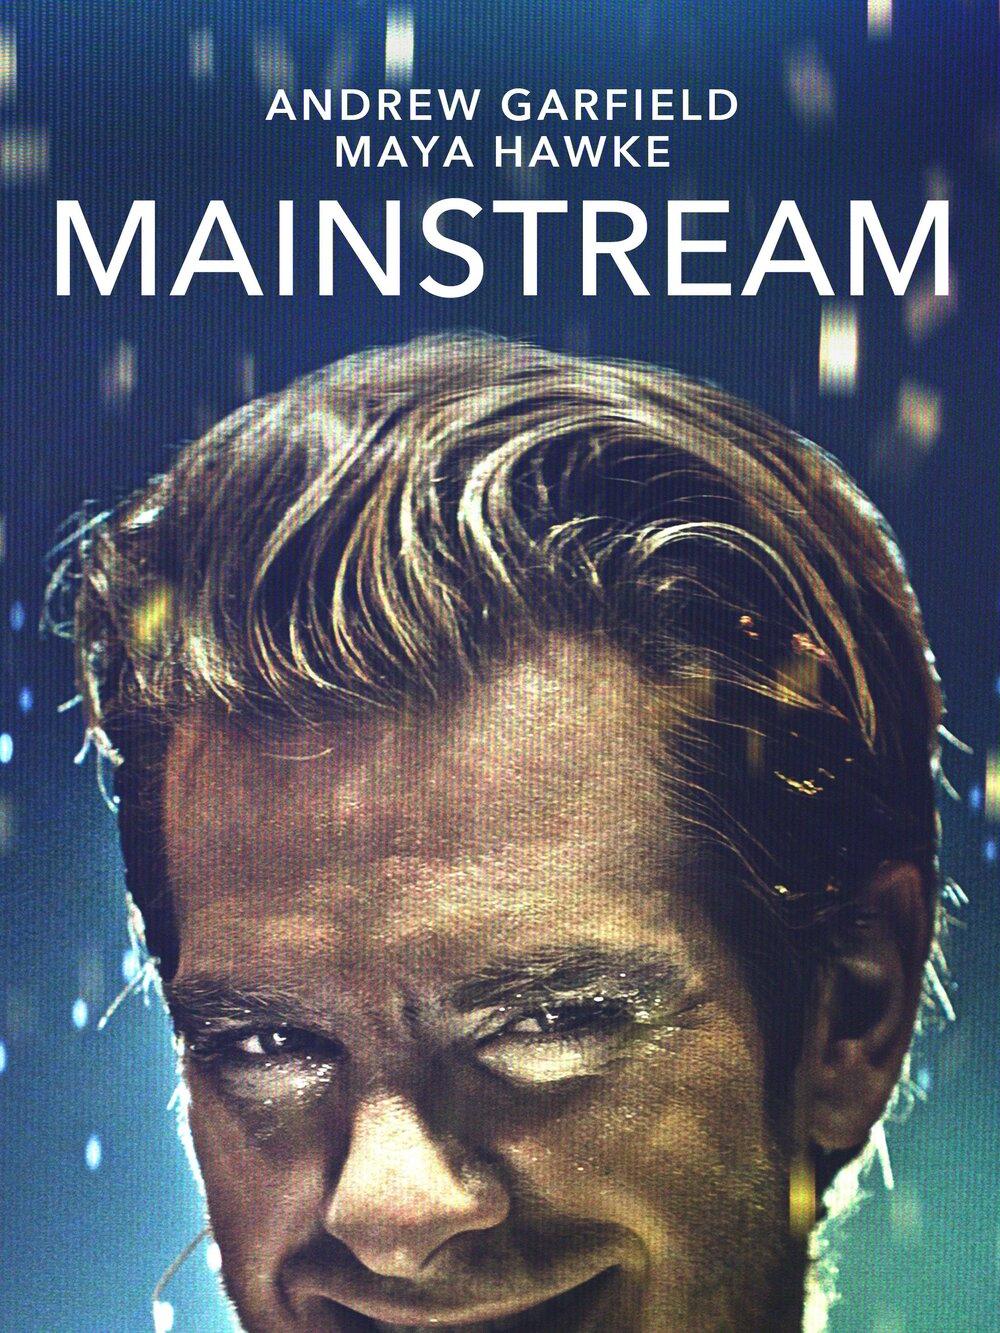 Mainstream 2.jpg